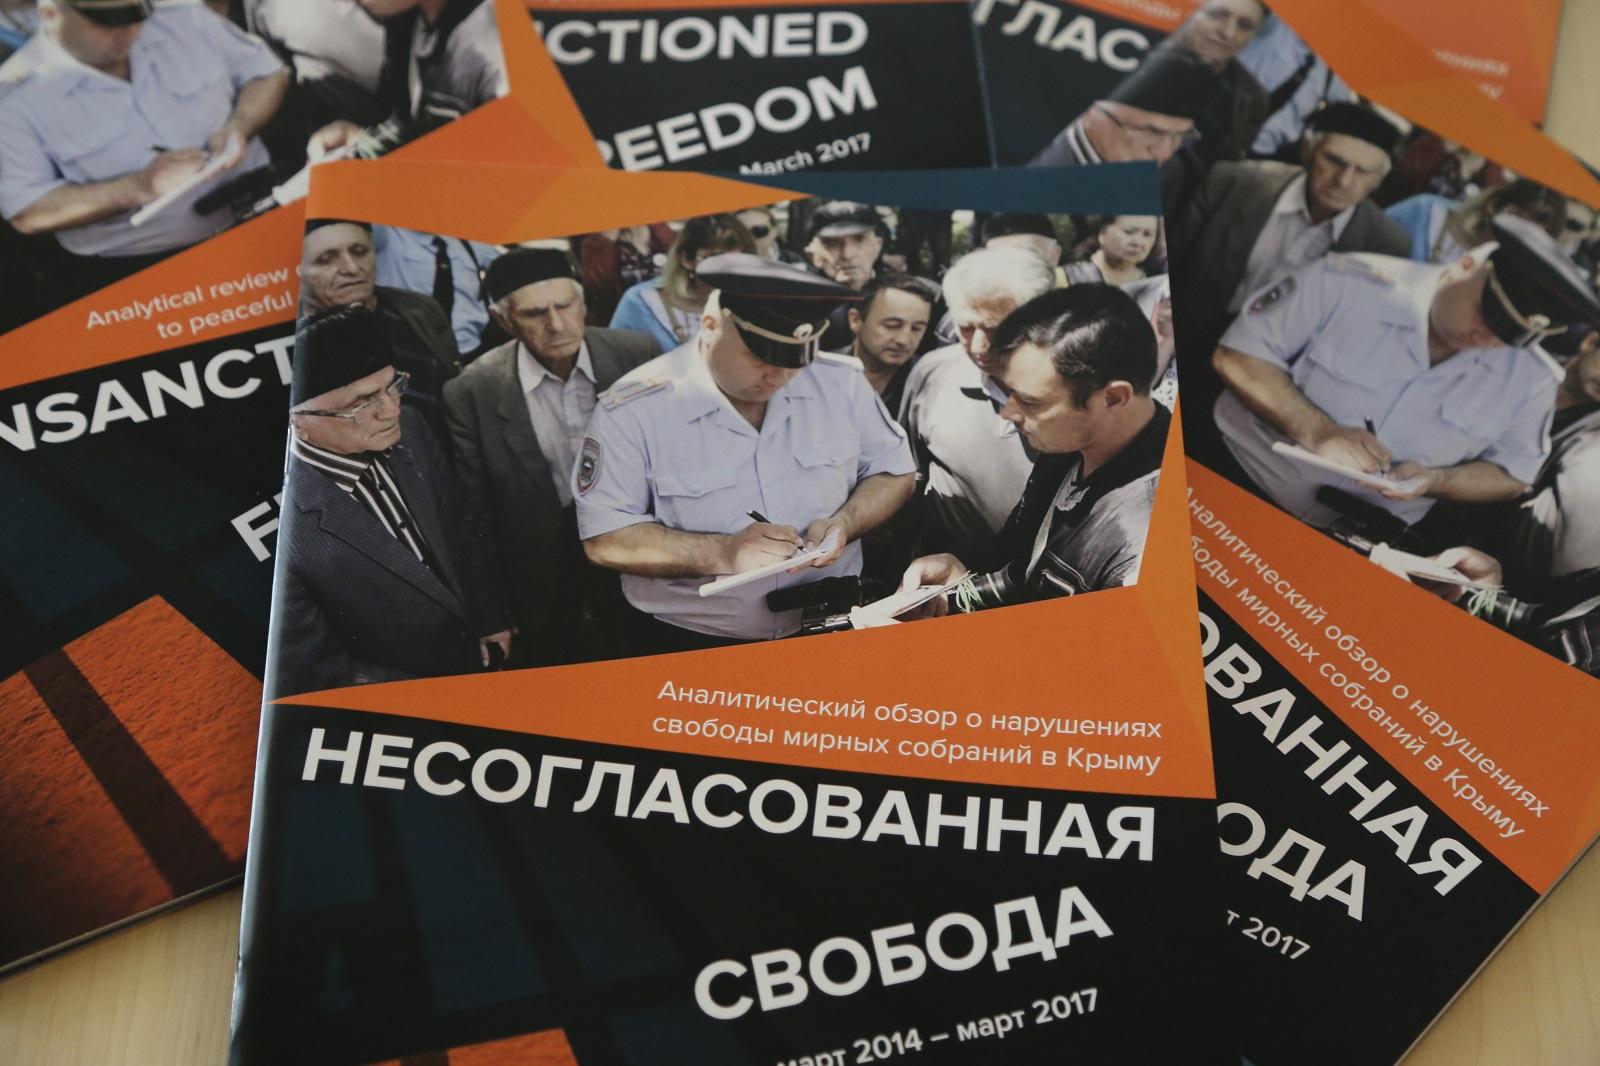 Путин подписал закон о штрафах за мирные собрания, который может усилить давление на крымчан